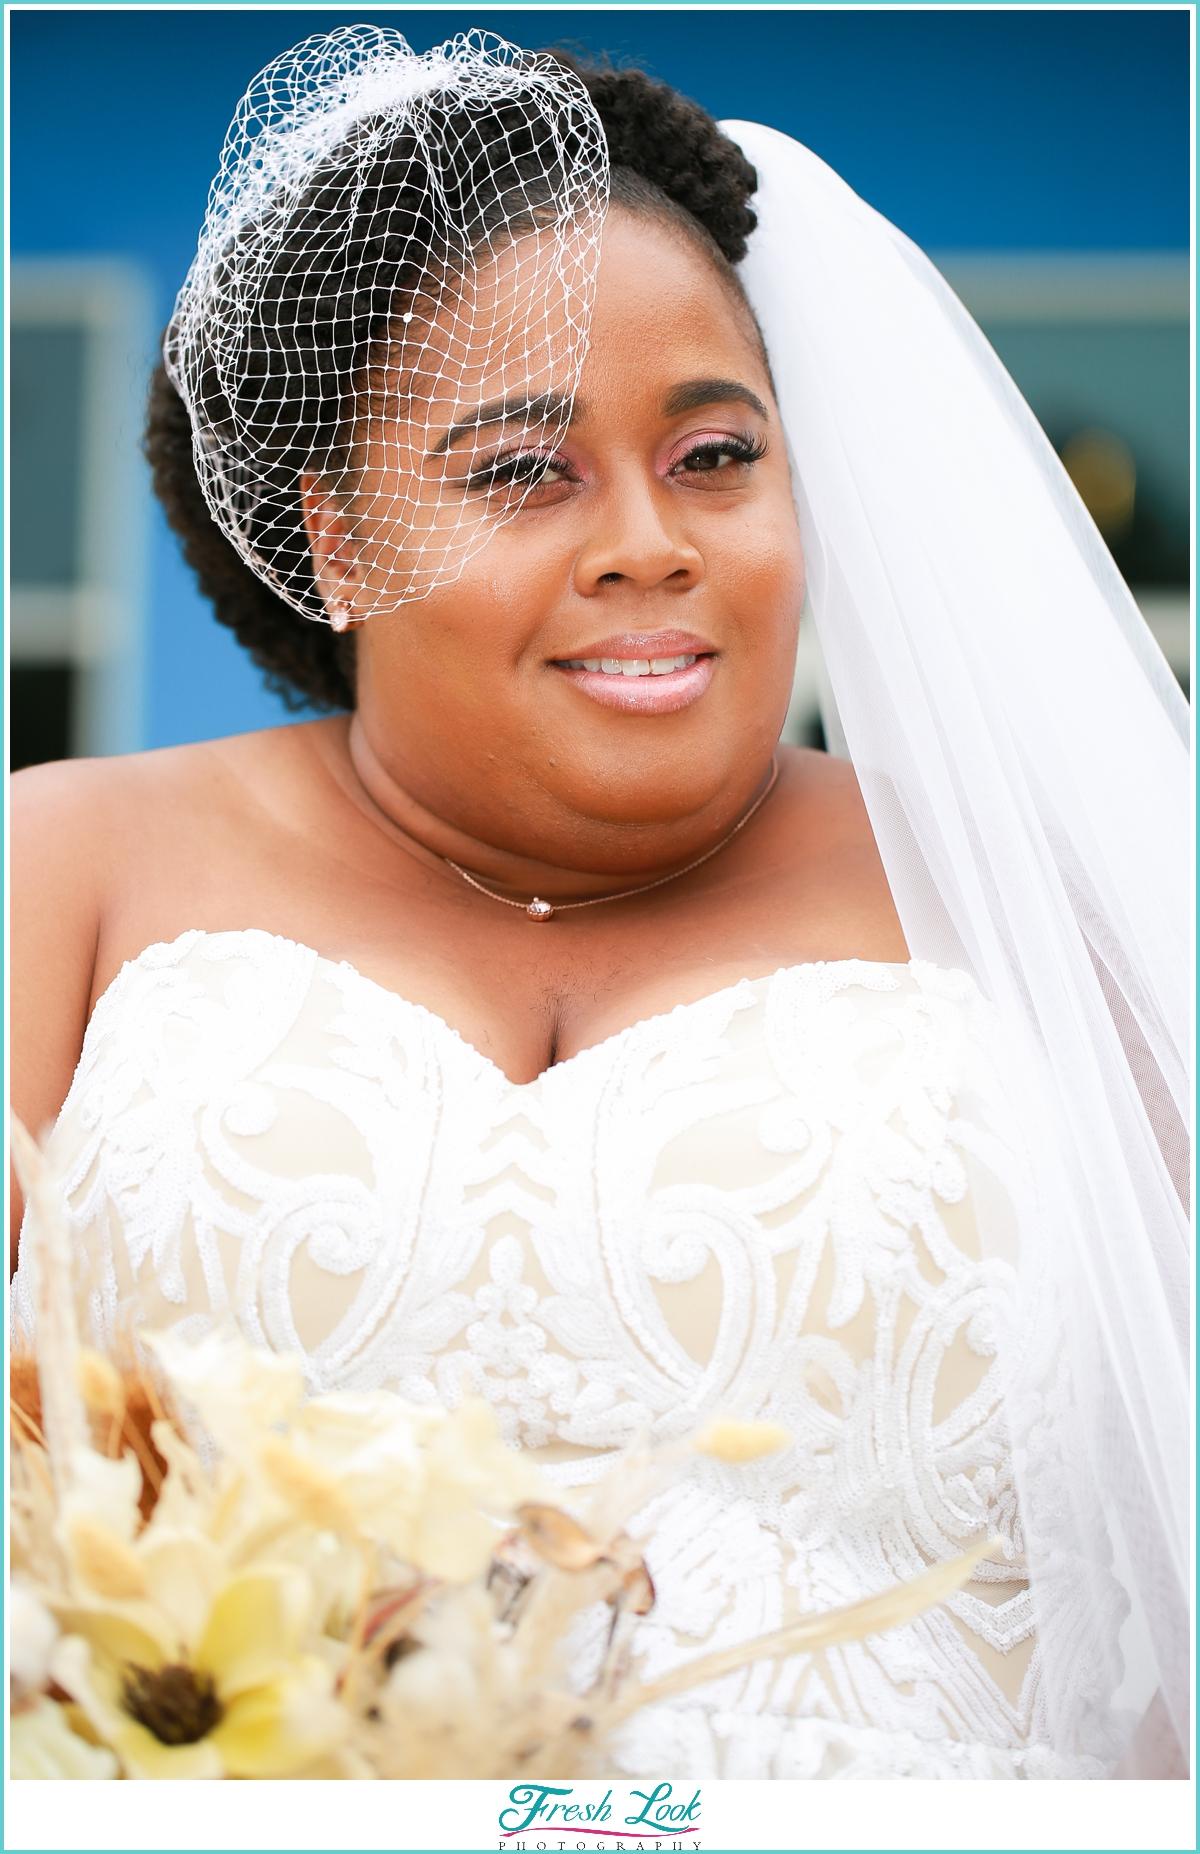 Bridal Photoshoot at Hub 757